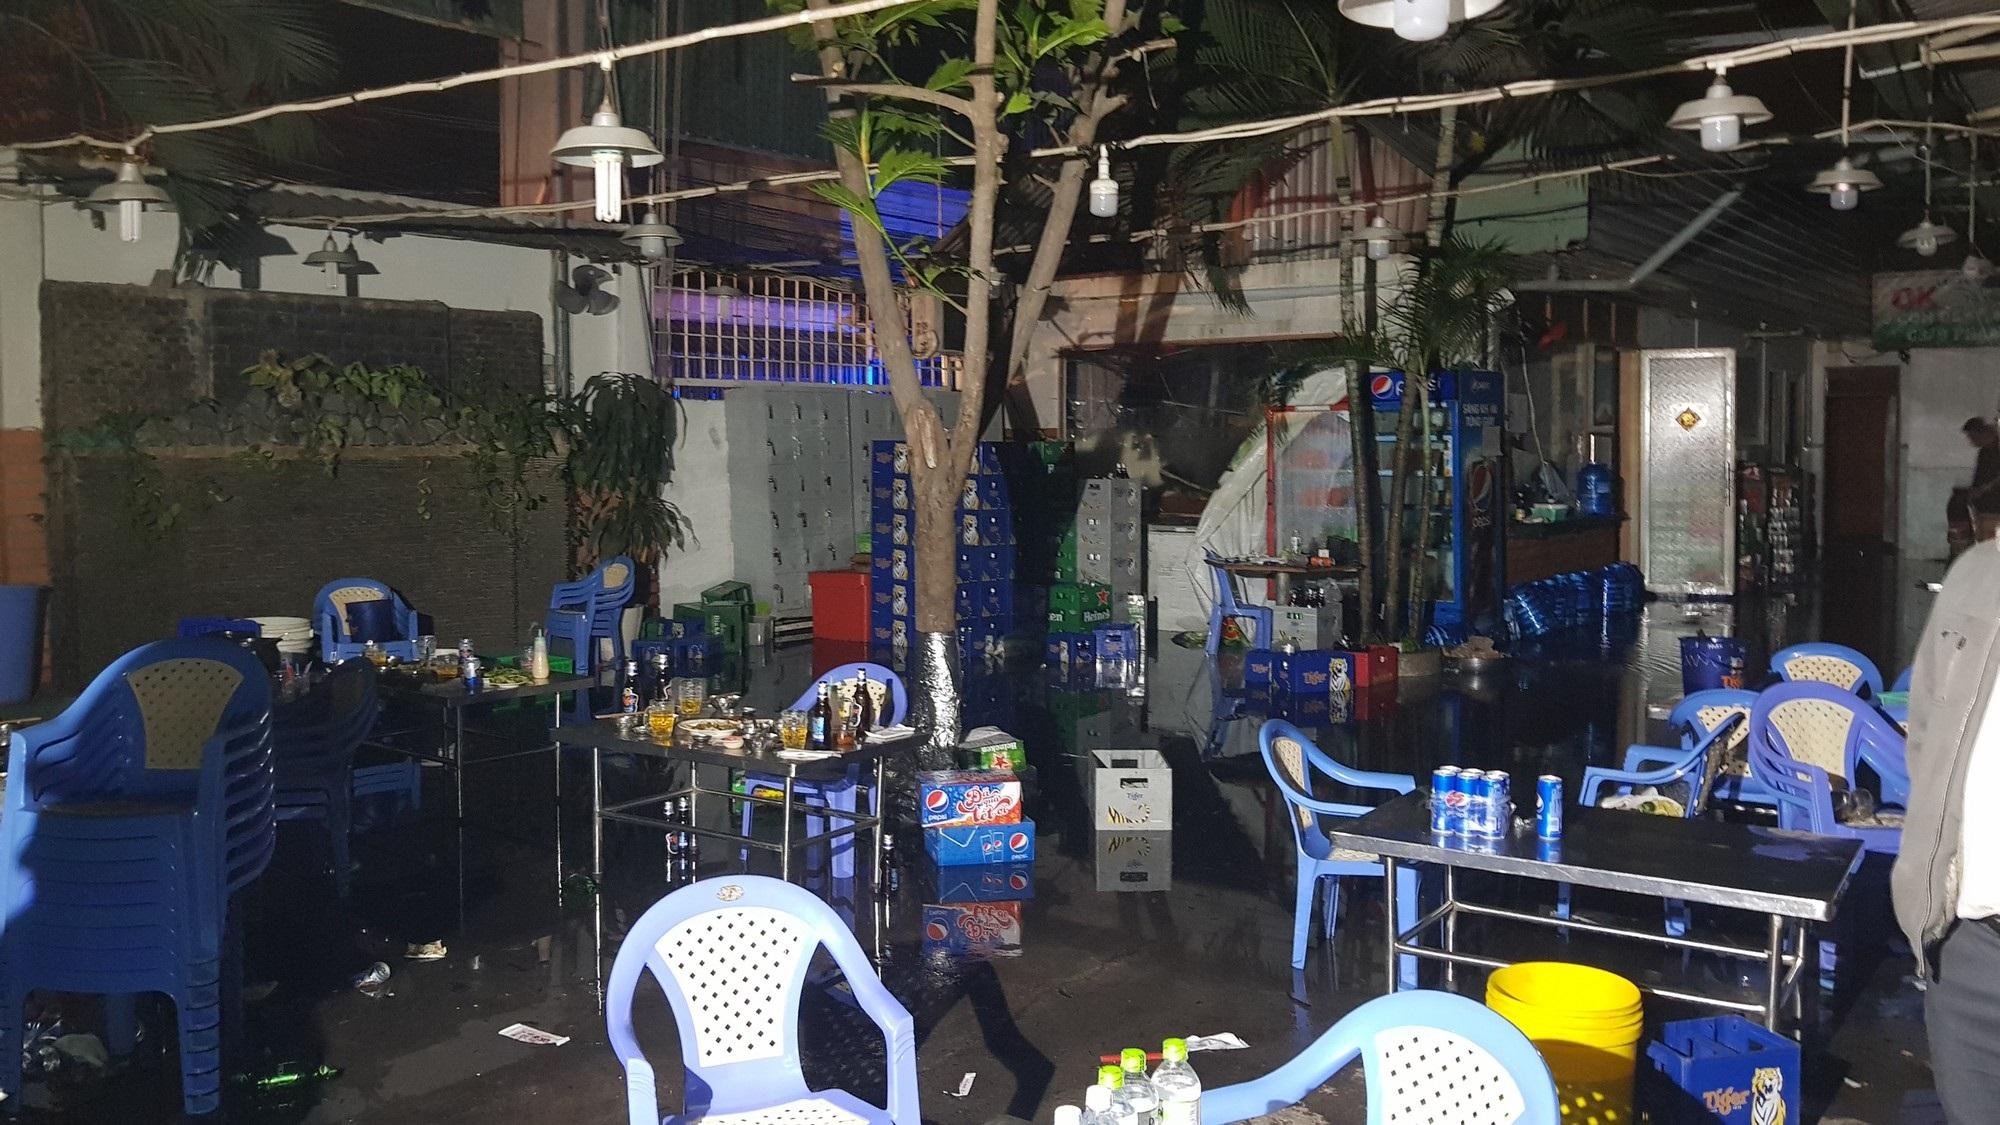 Quán lẩu dê ở Sài Gòn phát hoả, hàng trăm thực khách tháo chạy tán loạn - Ảnh 2